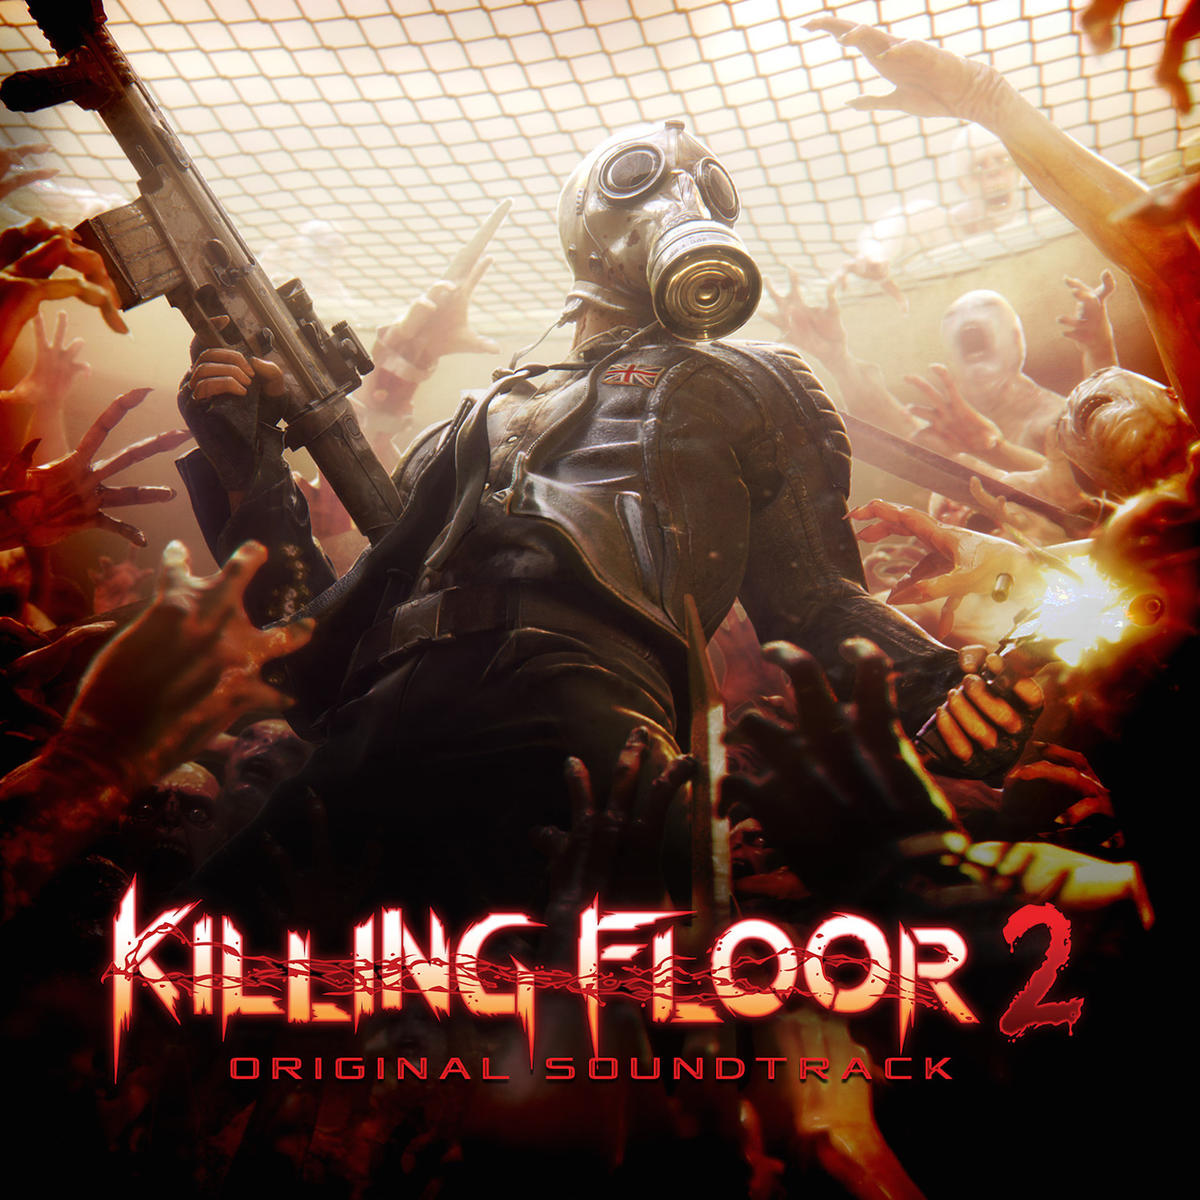 Killing Floor 2 Original Soundtrack 2015 Mp3 Download Killing Floor 2 Original Soundtrack 2015 Soundtracks For Free